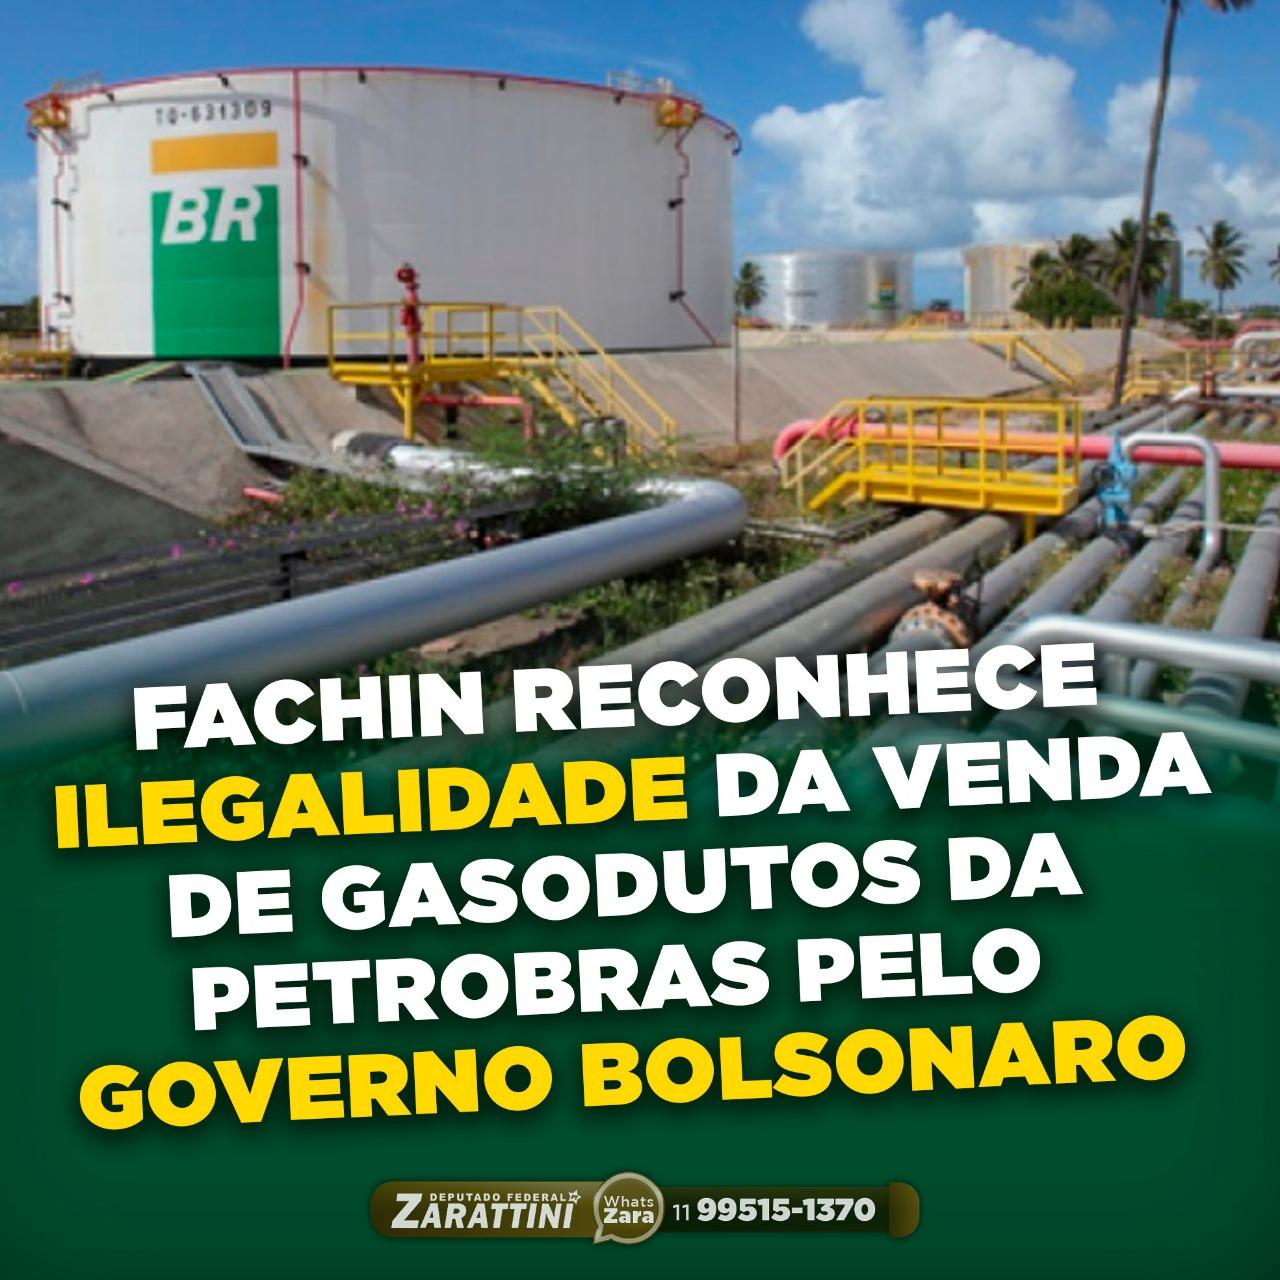 Fachin reconhece ilegalidade da venda de gasodutos da Petrobras pelo governo Bolsonaro